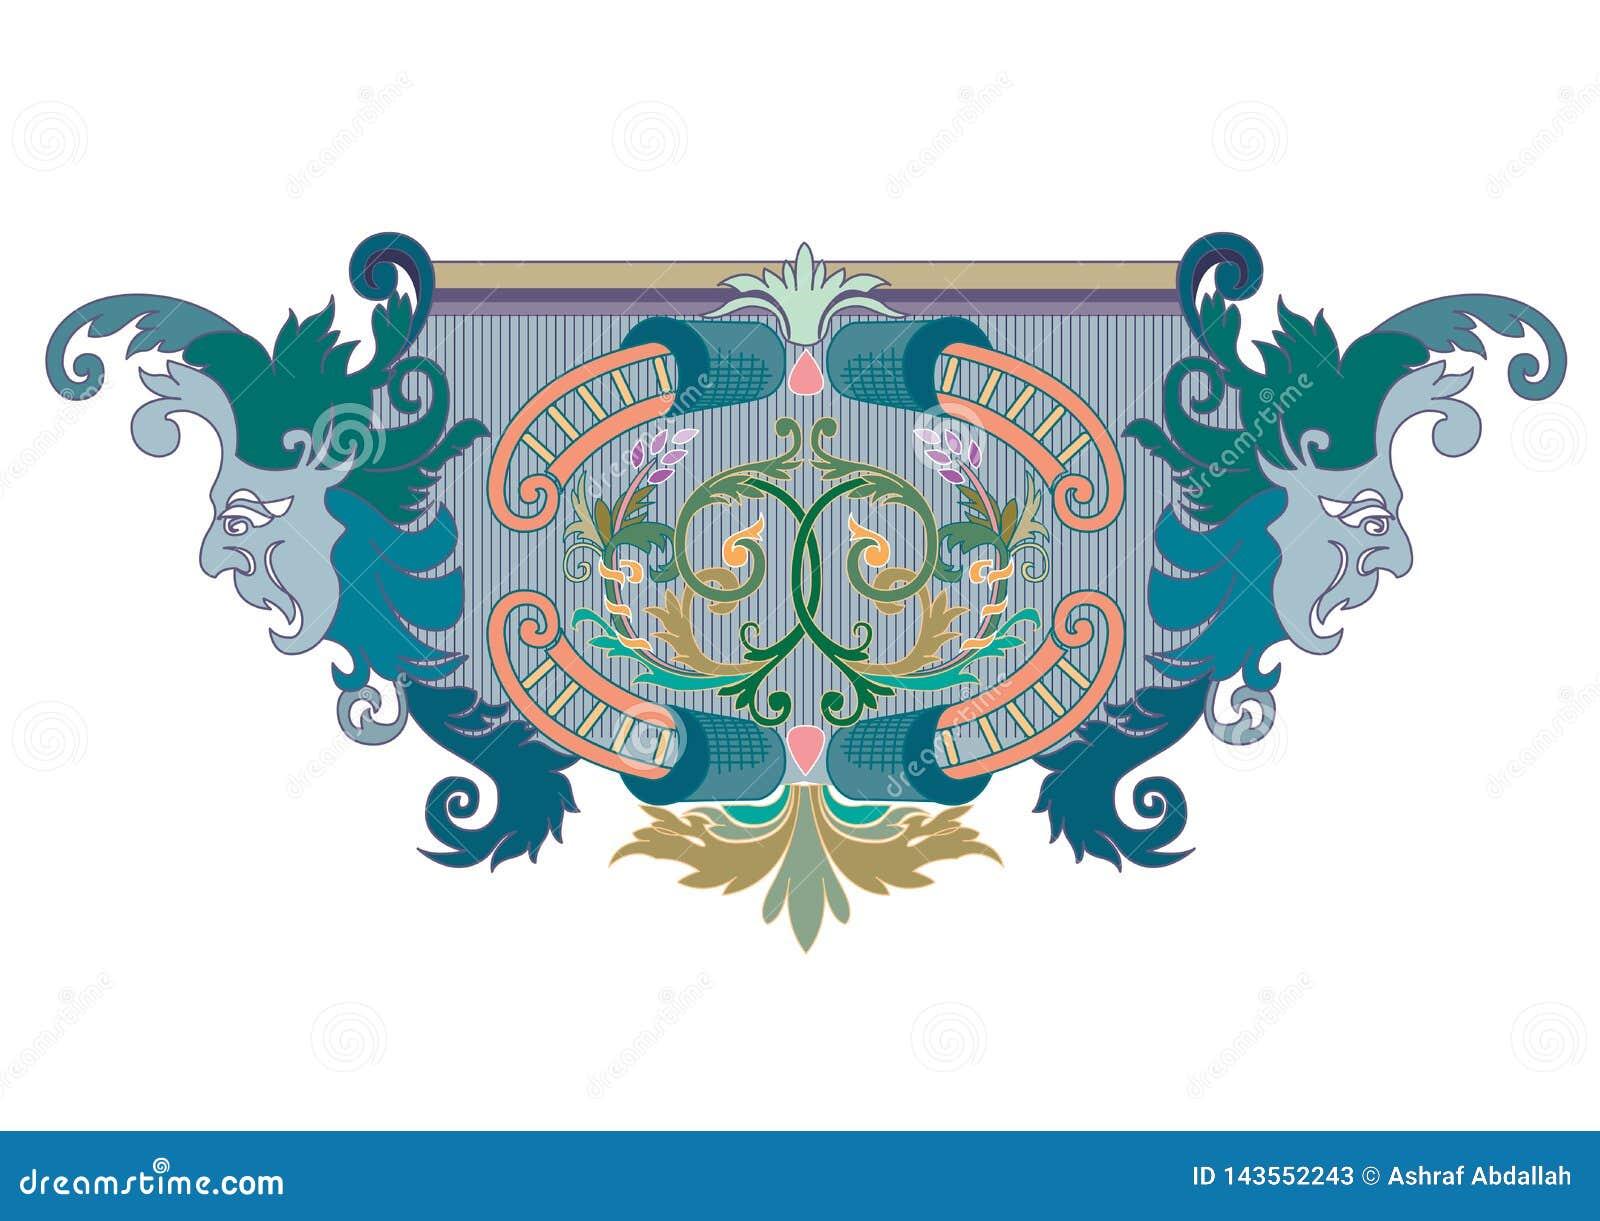 Clipart del ornamento azul, verde y coralino del diseño con las máscaras